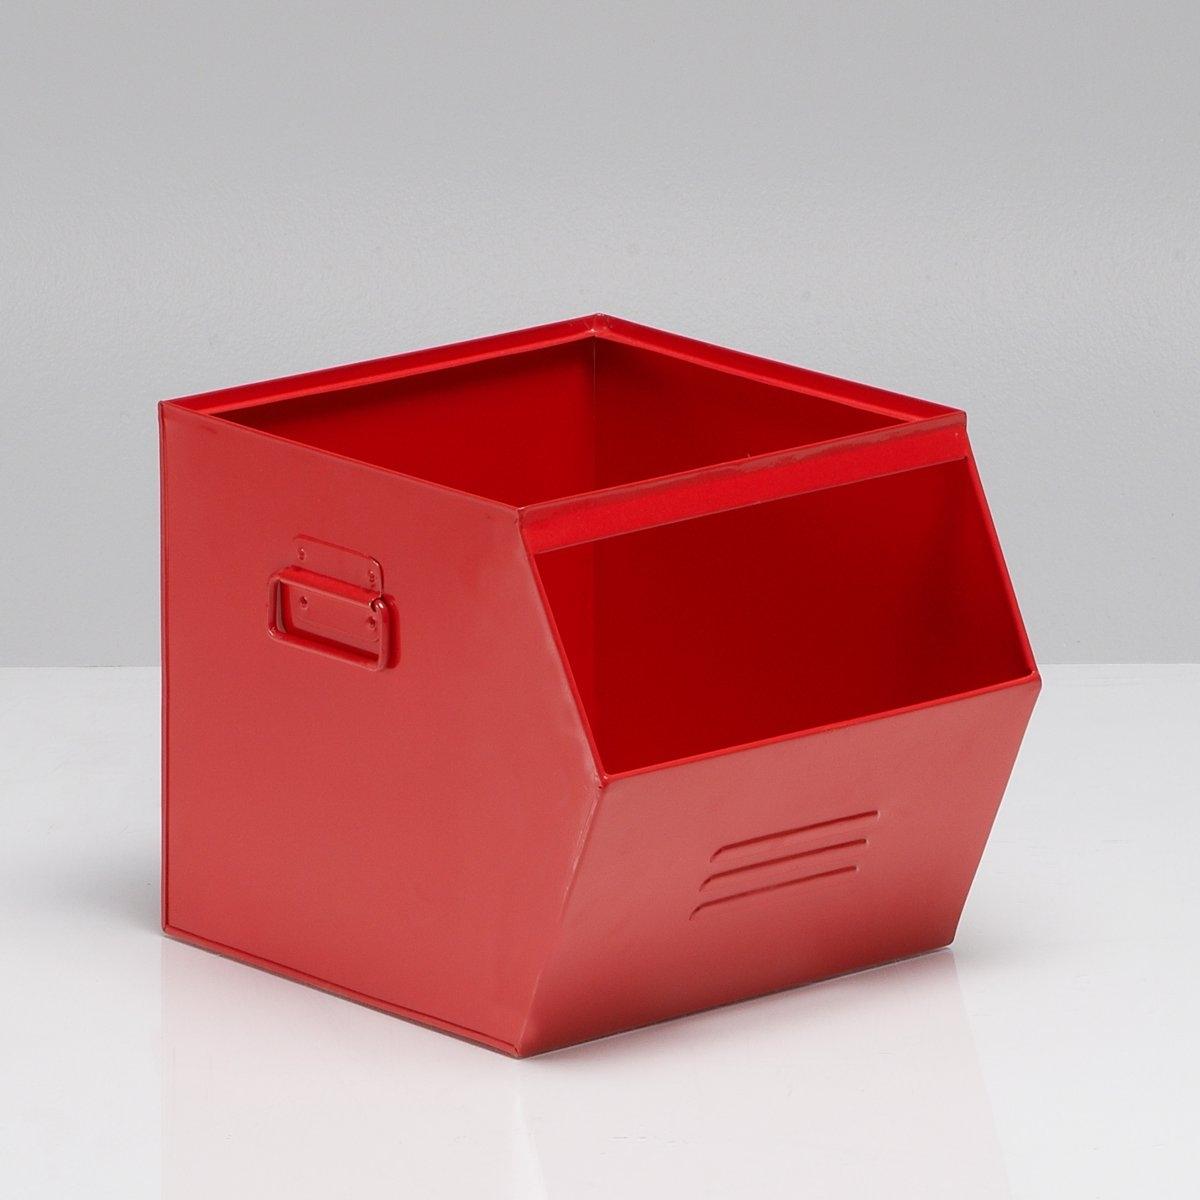 Ящик из гальванизированного металла, HibaДля версии серый металлик, эффект старины делает каждое изделие уникальным . Неоднородность, которая может проявиться, подчеркивает аутентичность изделия .  Описание ящика Hiba Ручки сбоку .Отделение для этикеток сбоку .Характеристики ящика HibaГальванизированный металл, покрытый эпоксидной краской .Ящик Hiba поставляется в собранном виде .Найдите другую мебель и модели из коллекции Hiba на нашем сайте ..Размеры ящика HibaШирина : 36 смВысота : 30 смГлубина : 33 см.<br><br>Цвет: белый,зелено-синий,красный,розовый,серый,черный